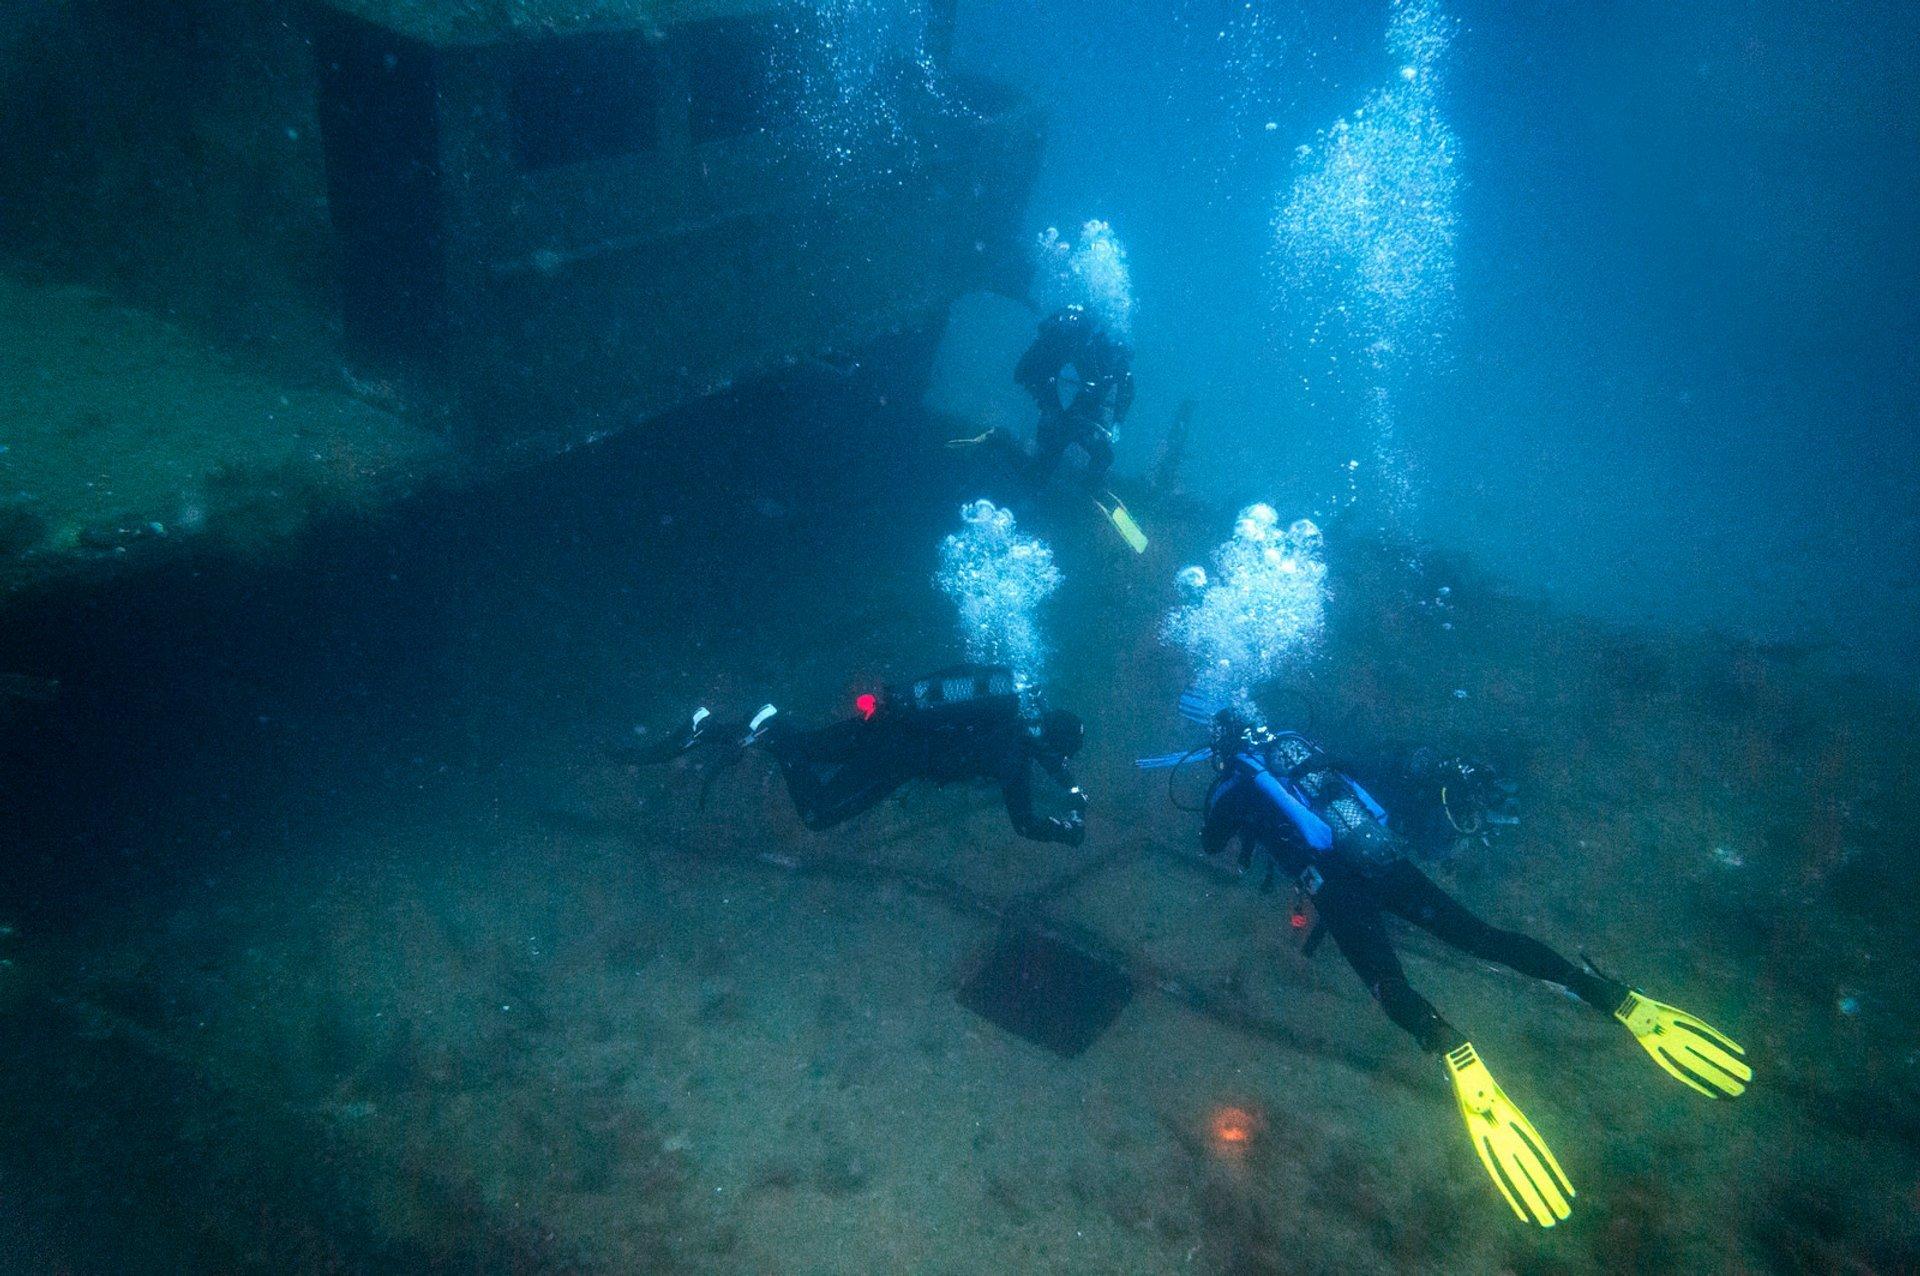 MV Cominoland Gozo Wreck dive 2020